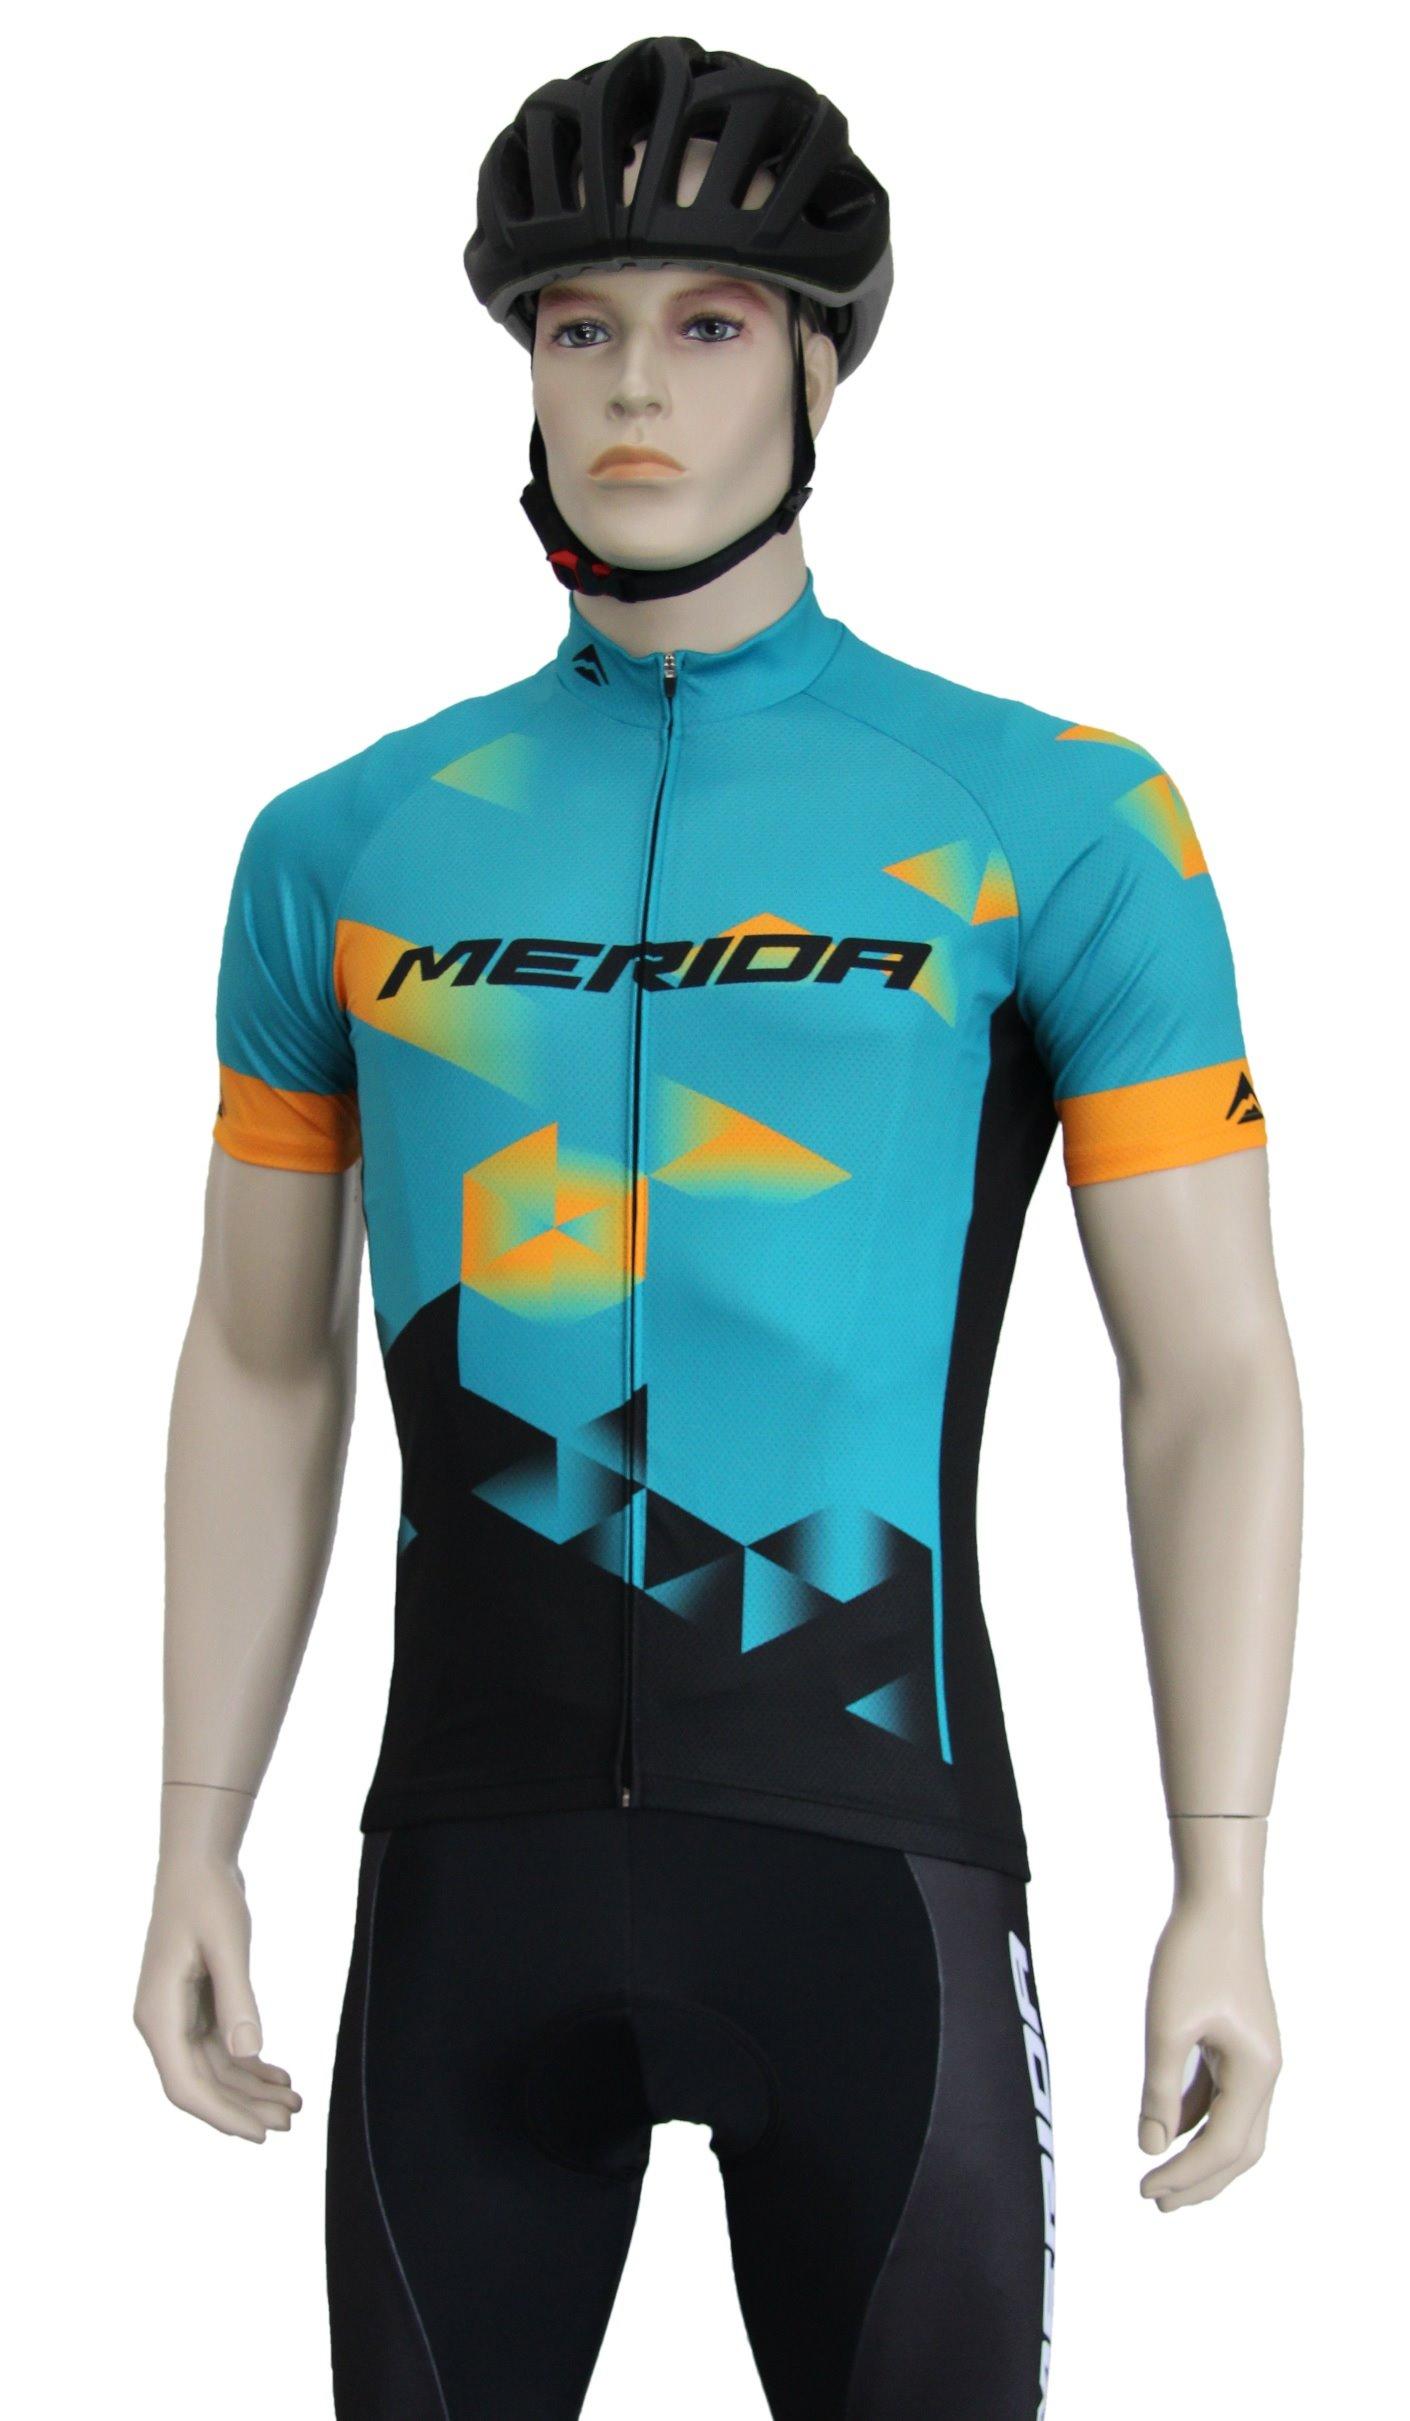 MERIDA - Dres pánský SPORT teal-oranžovo-černý XL